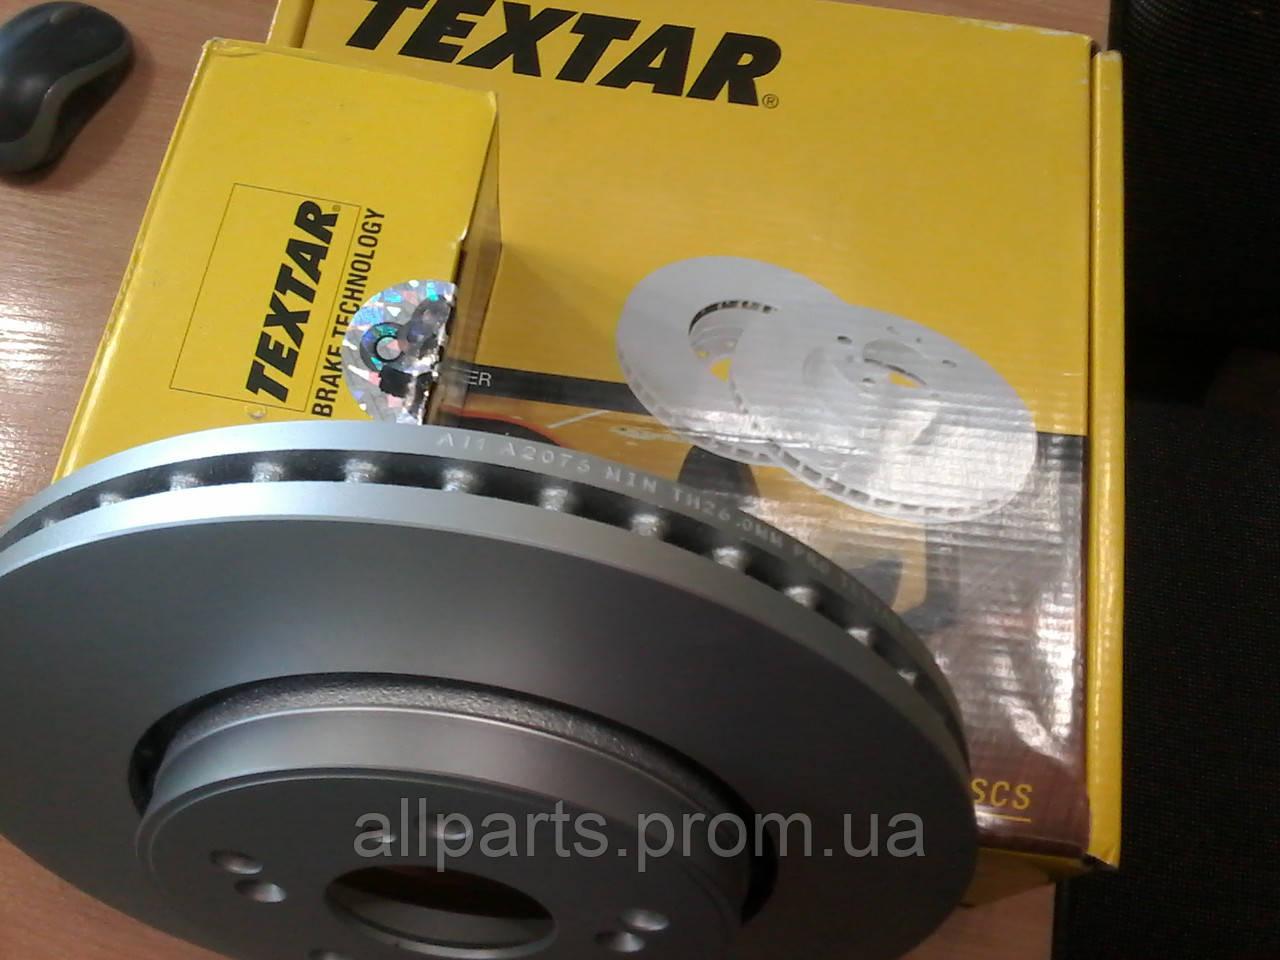 Тормозные диски передние Honda CR-V III,IV (RE, 2006- ) Textar с покрытием